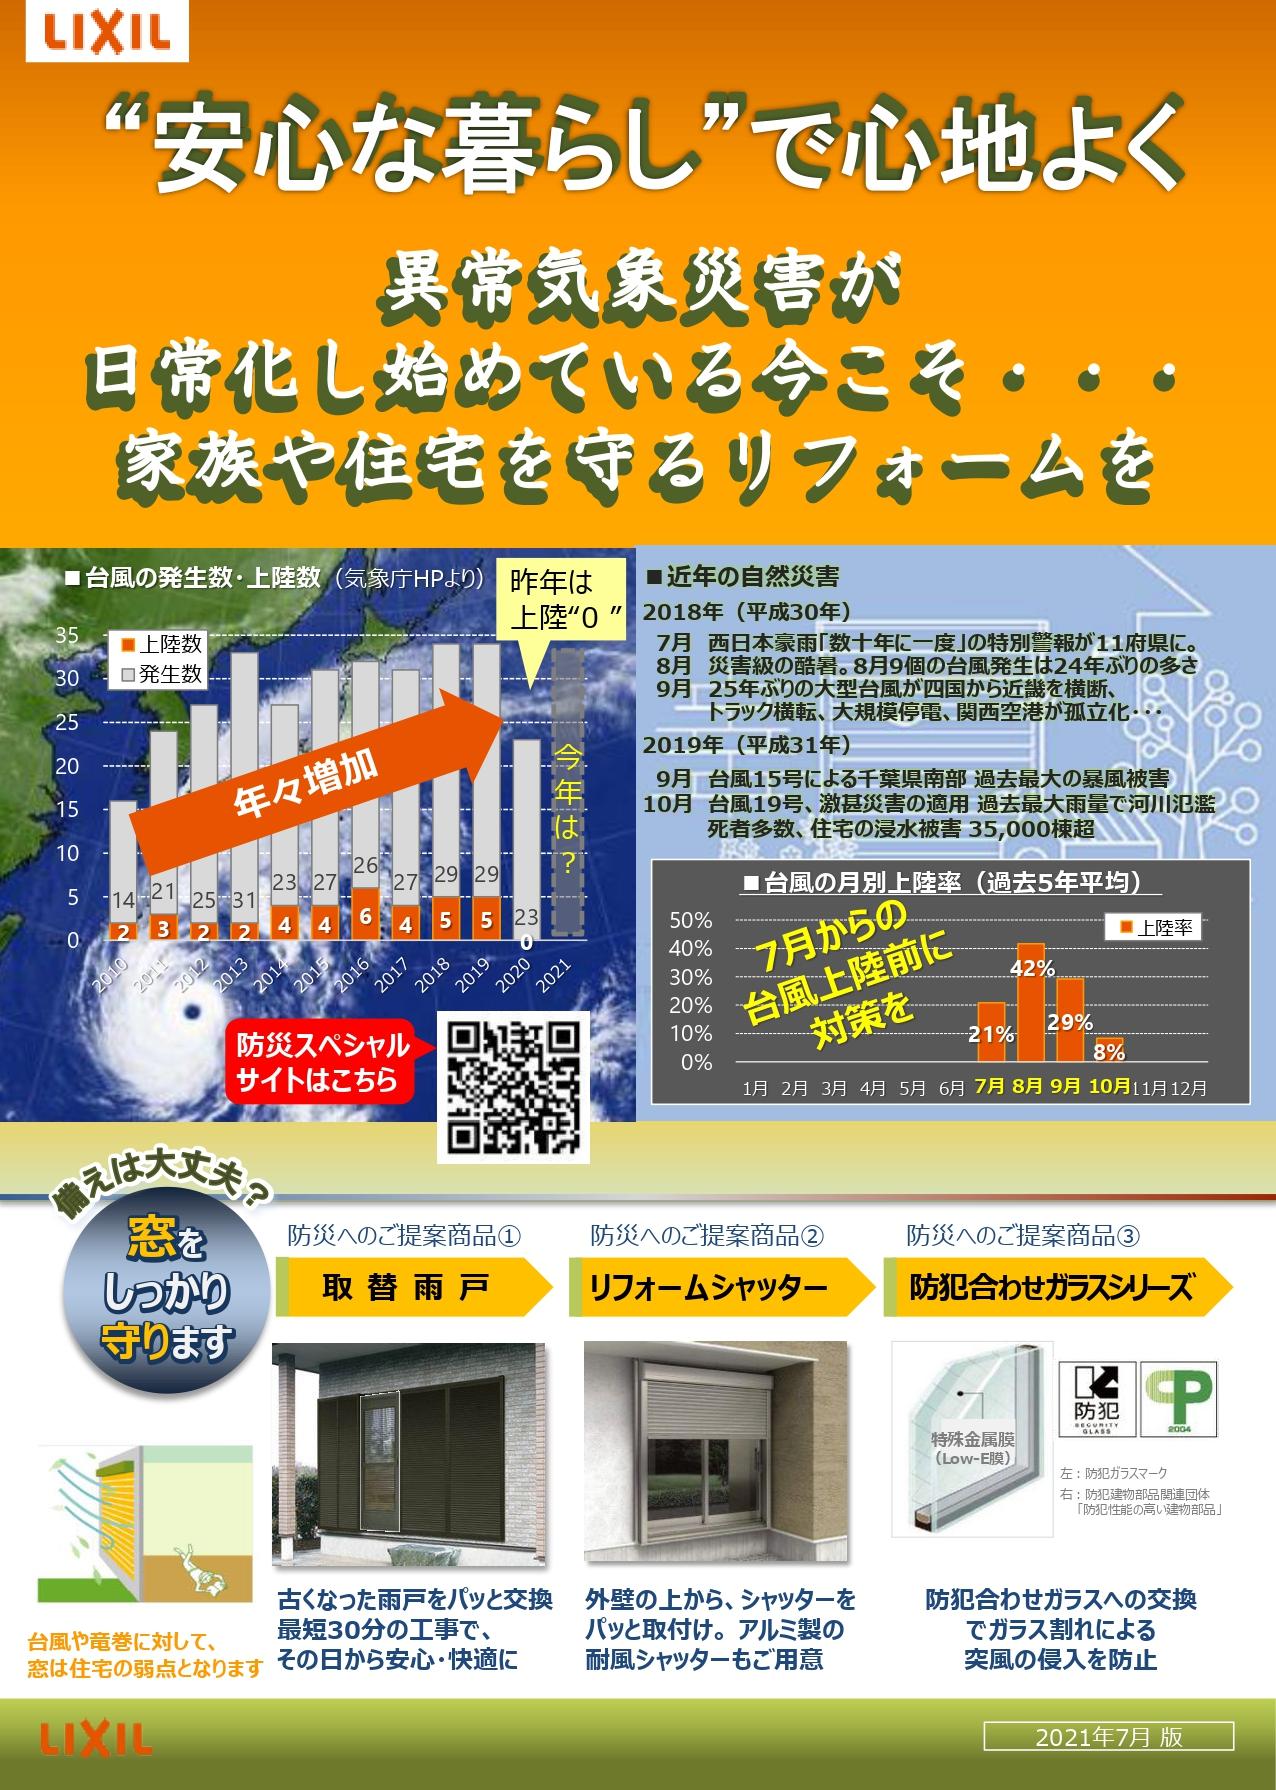 福岡トーヨー 大牟田店の皆様いかがお過ごしでしょうか(●´ω`●)の施工前の写真1